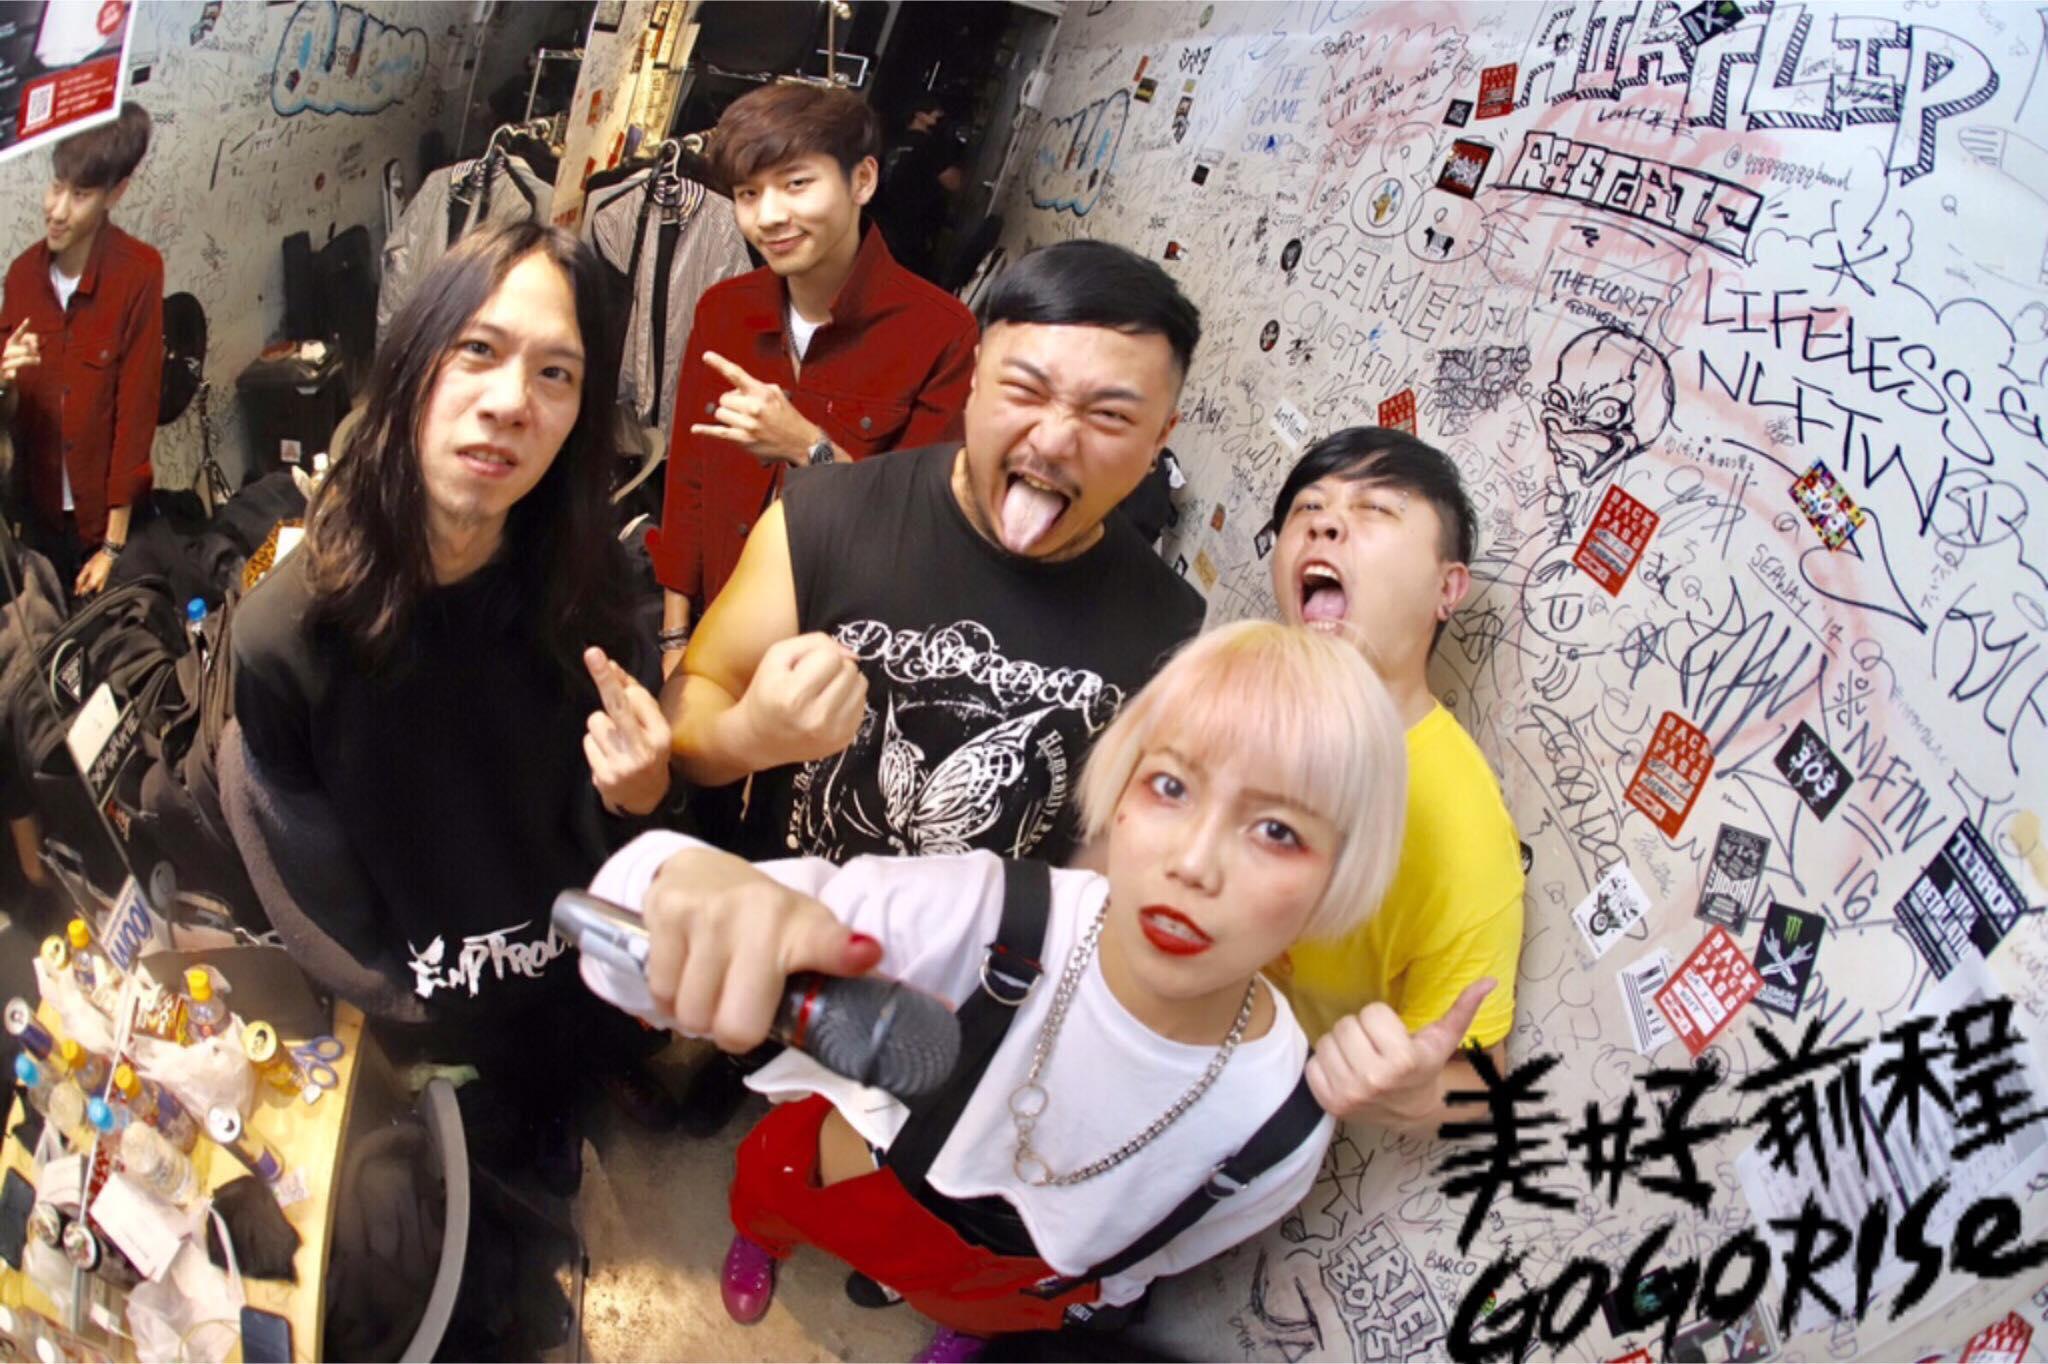 台灣龐克樂團 Go Go Rise 美好前程 巡演心得 :在日本演出你應該注意的事情